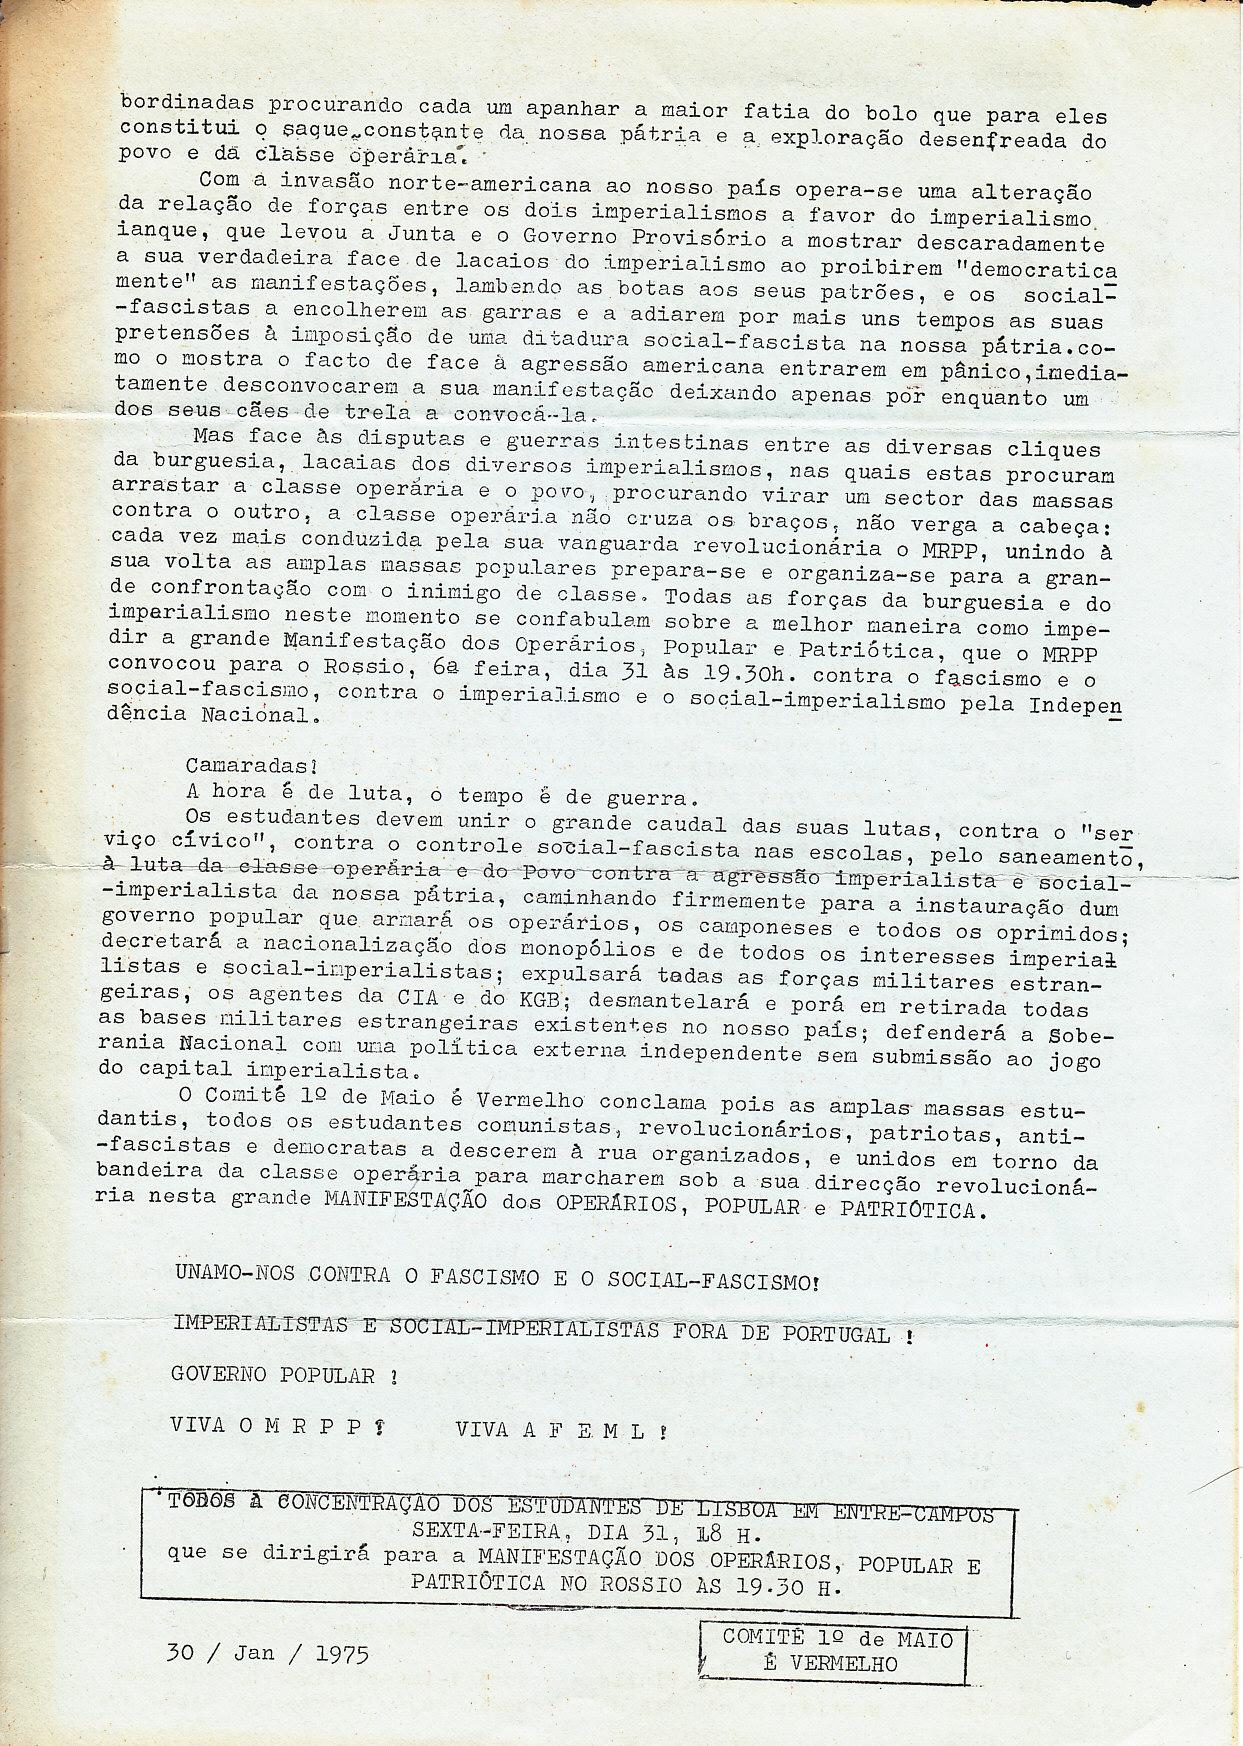 FEML_30-1-1975_0002